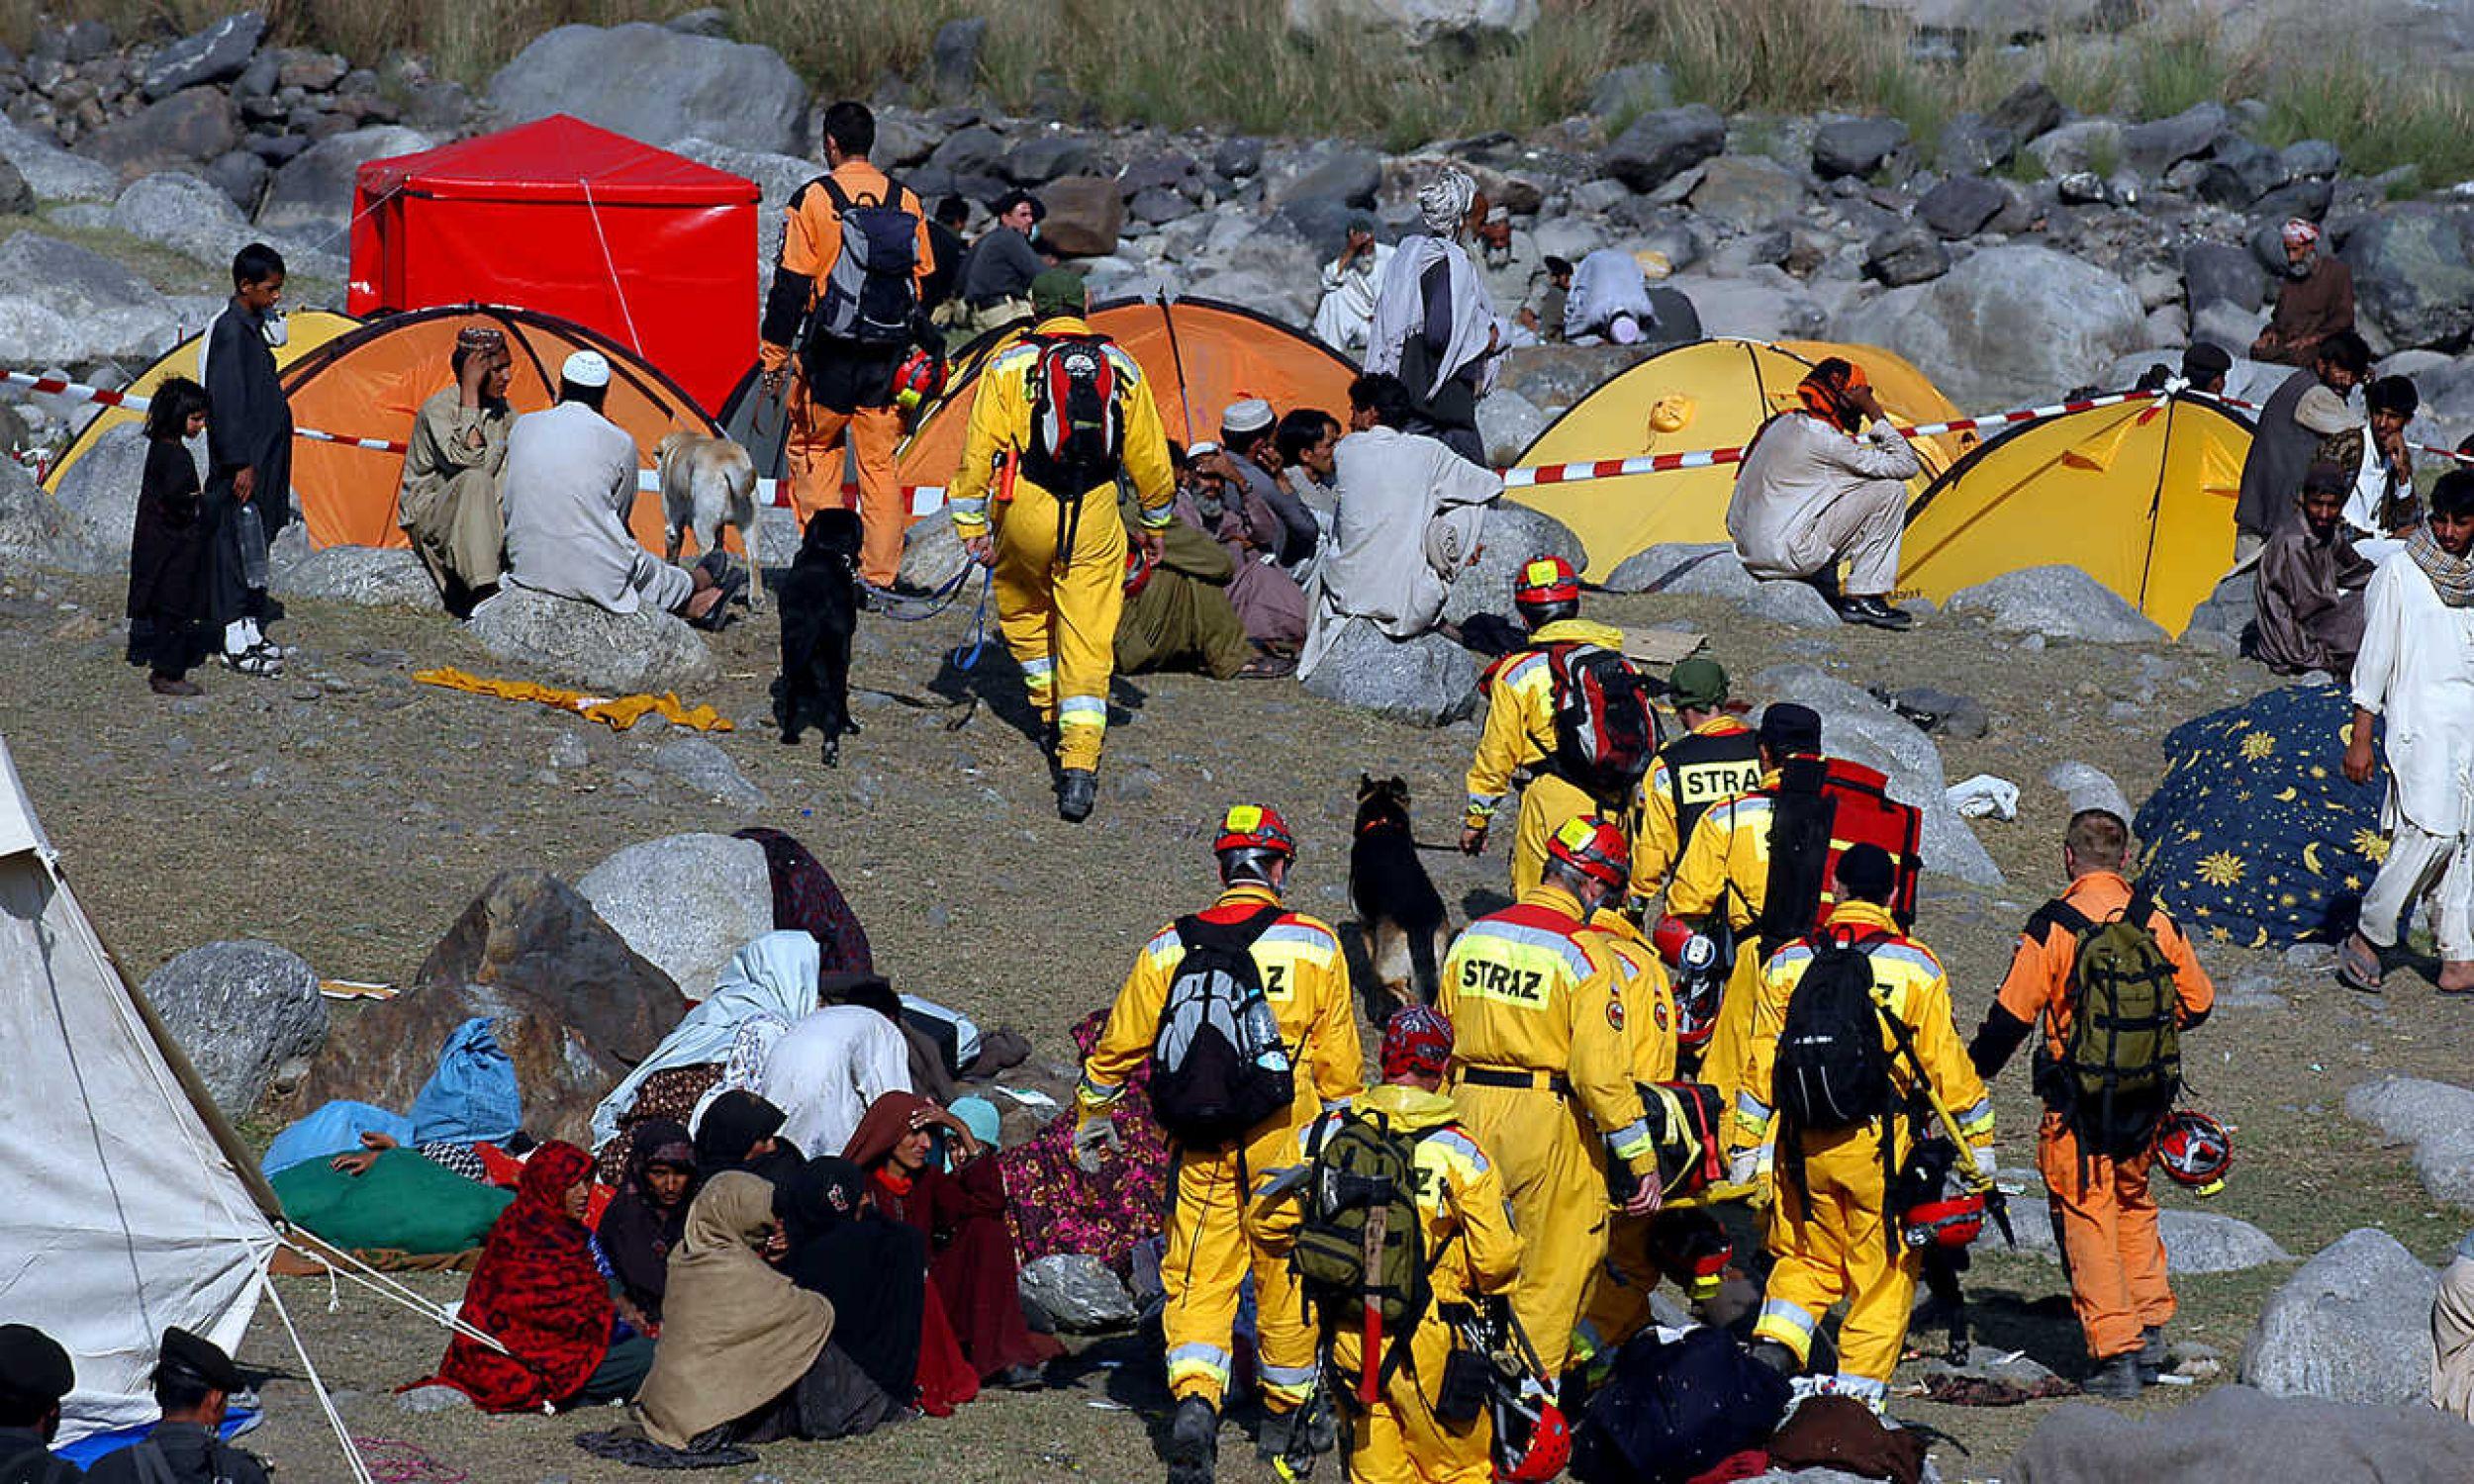 W 2005  roku w trzęsieniu ziemi w pakistańskim Kaszmirze zginęło 86 tysięcy osób, a ponad 69 tys. zostało rannych. Największą trudnością dla małopolskich ratowników było miejsca zdarzenia: wysoko w górach, powyżej 3000 metrów nad poziomem morza. Żaden środek transportu nie mógł tam dotrzeć, bo osunęły się drogi. Musieli iść wąziutkimi dróżkami wysoko w góry, szukając potrzebujących pomocy. A potrem wracali do swojego obozu w Balakot. Fot. zbiór prywatny Krzysztofa Grucy